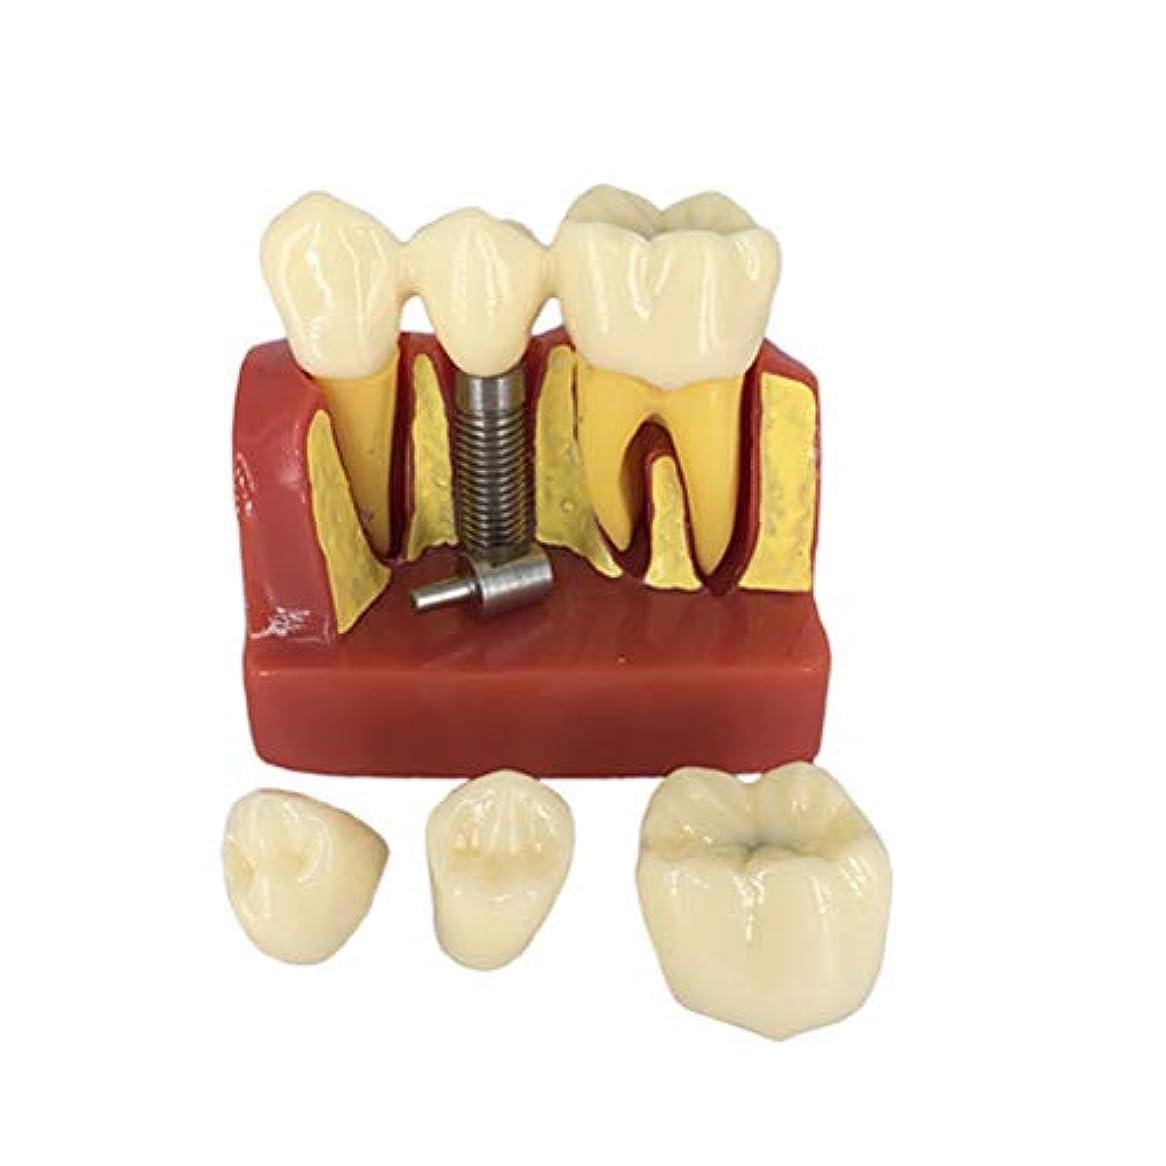 重なる日記入手しますHEALIFTY デンタルデモンストレーション歯モデルデンタルモードを教える標準的な研究